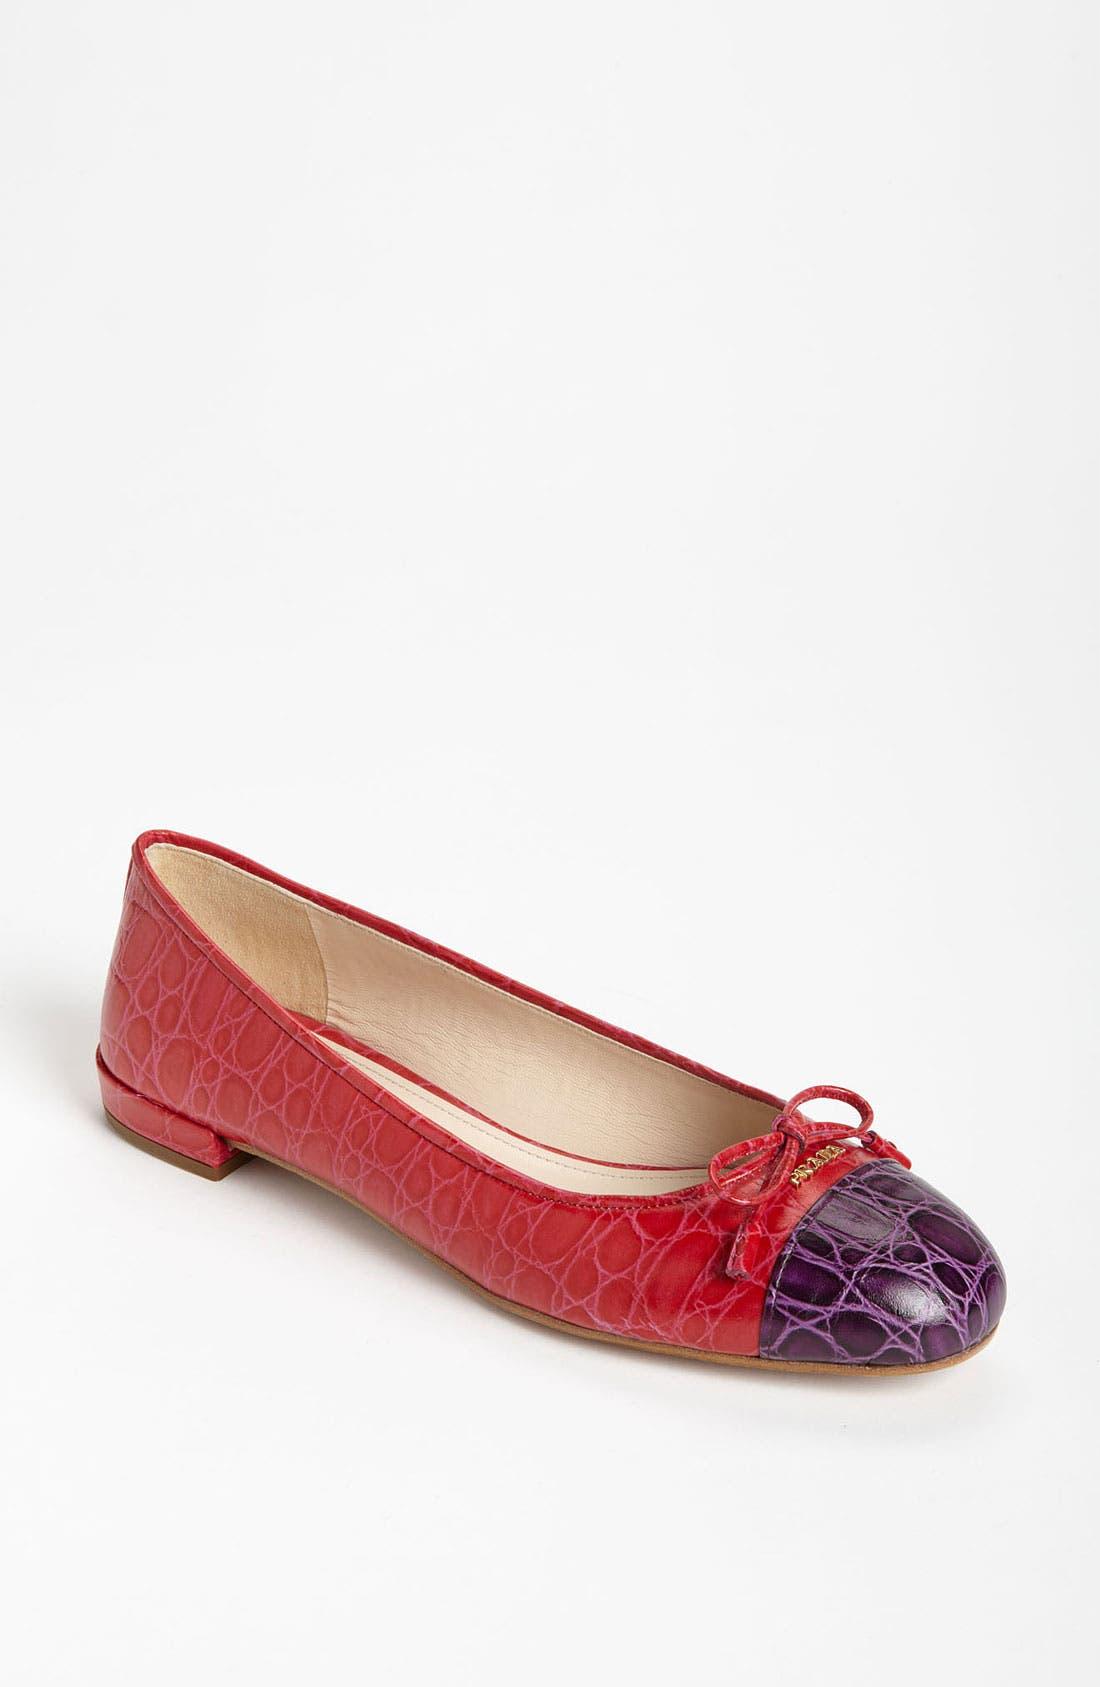 Alternate Image 1 Selected - Prada Croco Cap Toe Ballet Flat